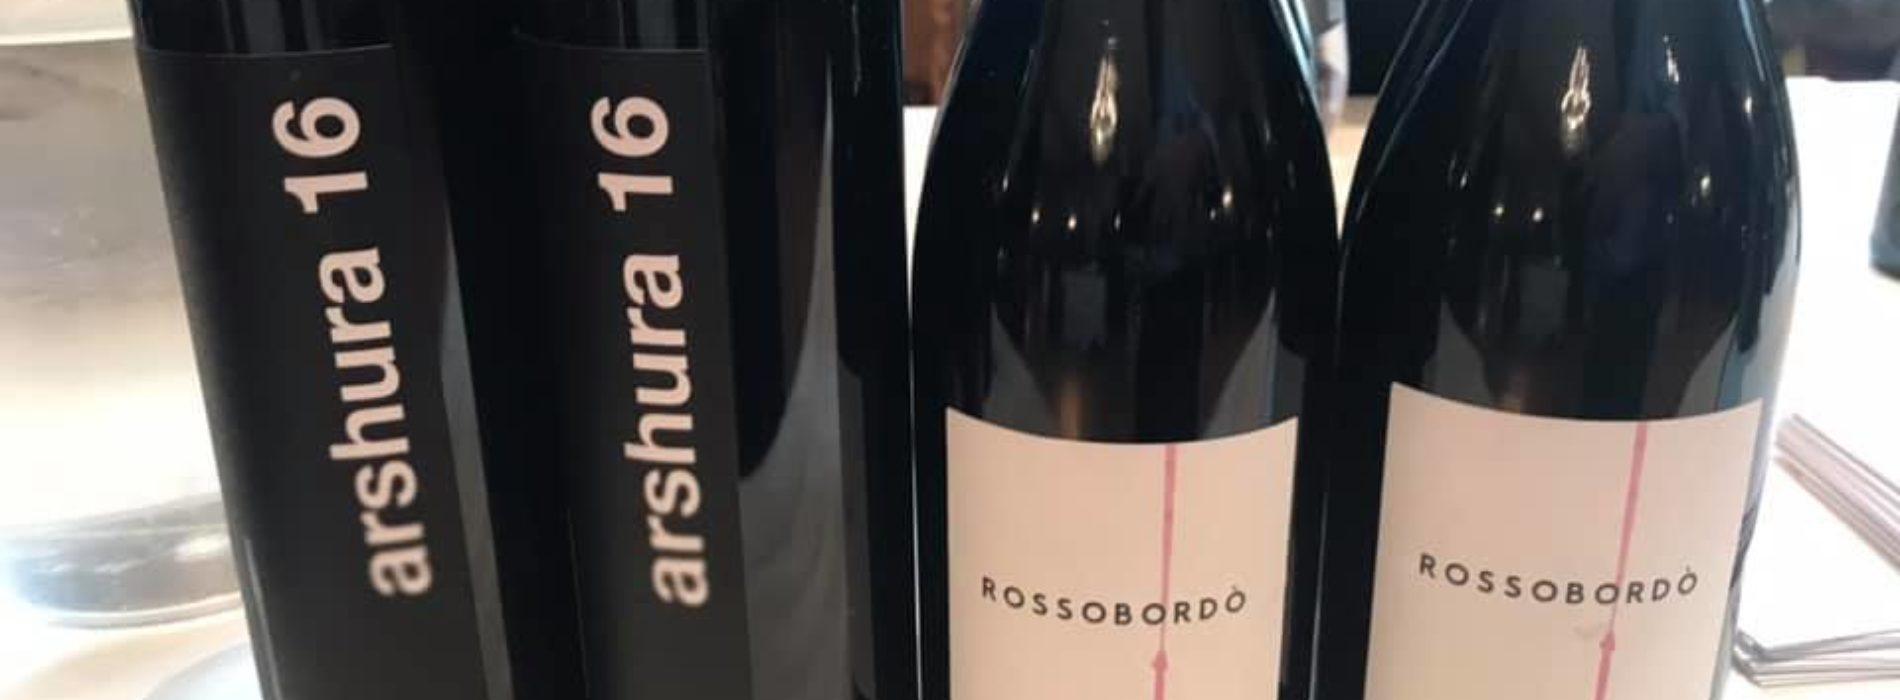 L'Arshura, il vino senza tempo della Roccia Valter Mattoni  (con crostata frangipane alle mandorle)